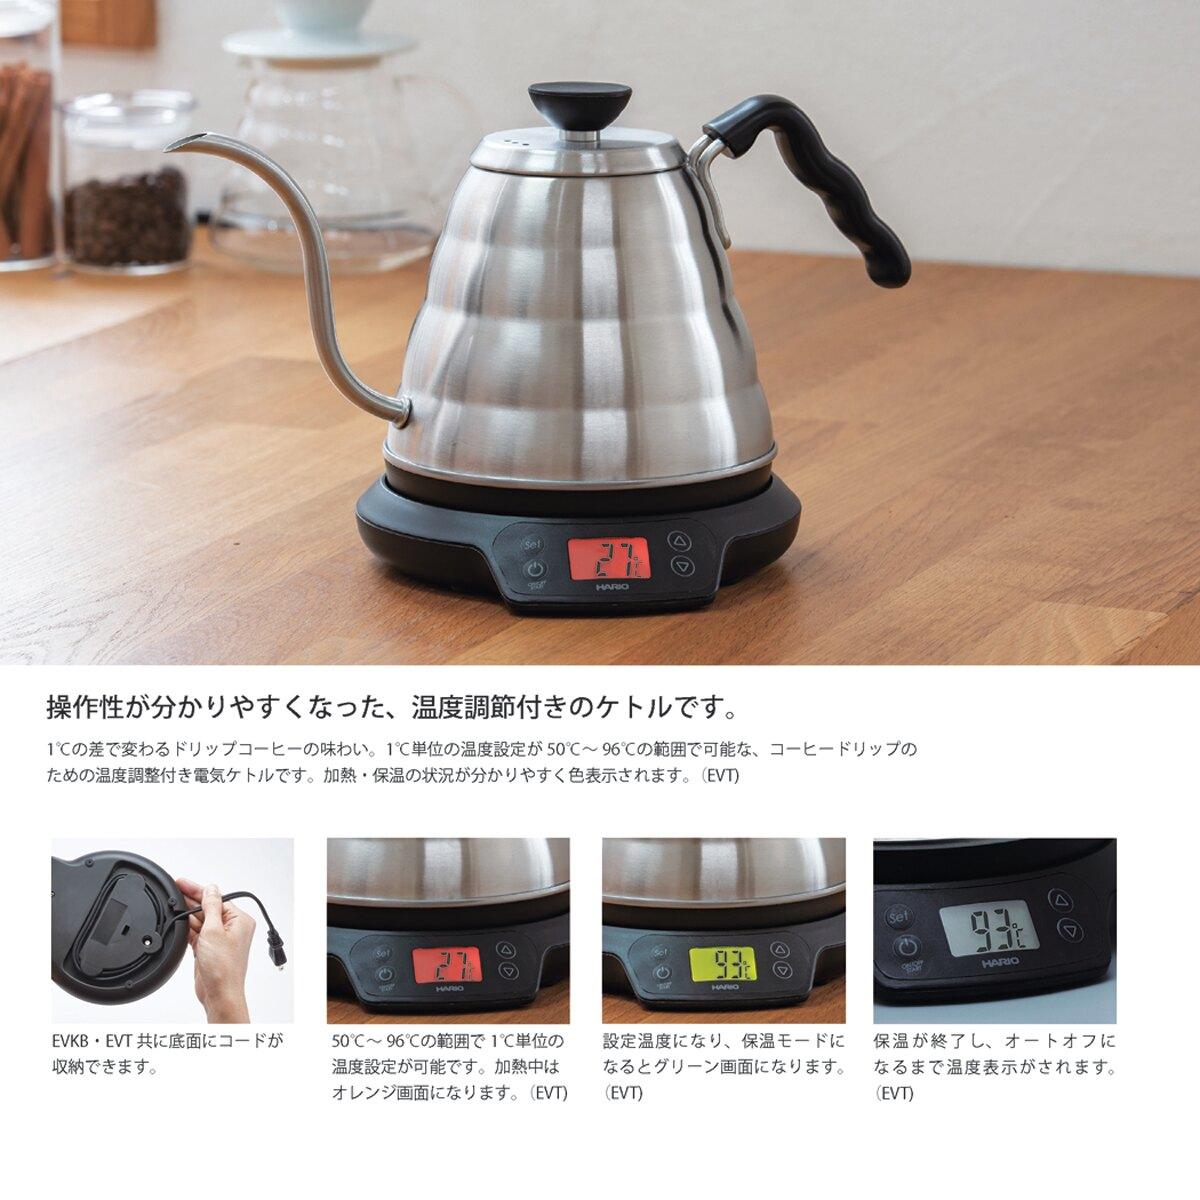 【沐湛咖啡】HARIO EVT-80-HSV 雲朵手沖壺 溫控手沖壺 快煮壺 800ml 溫控壺/電熱壺/800cc